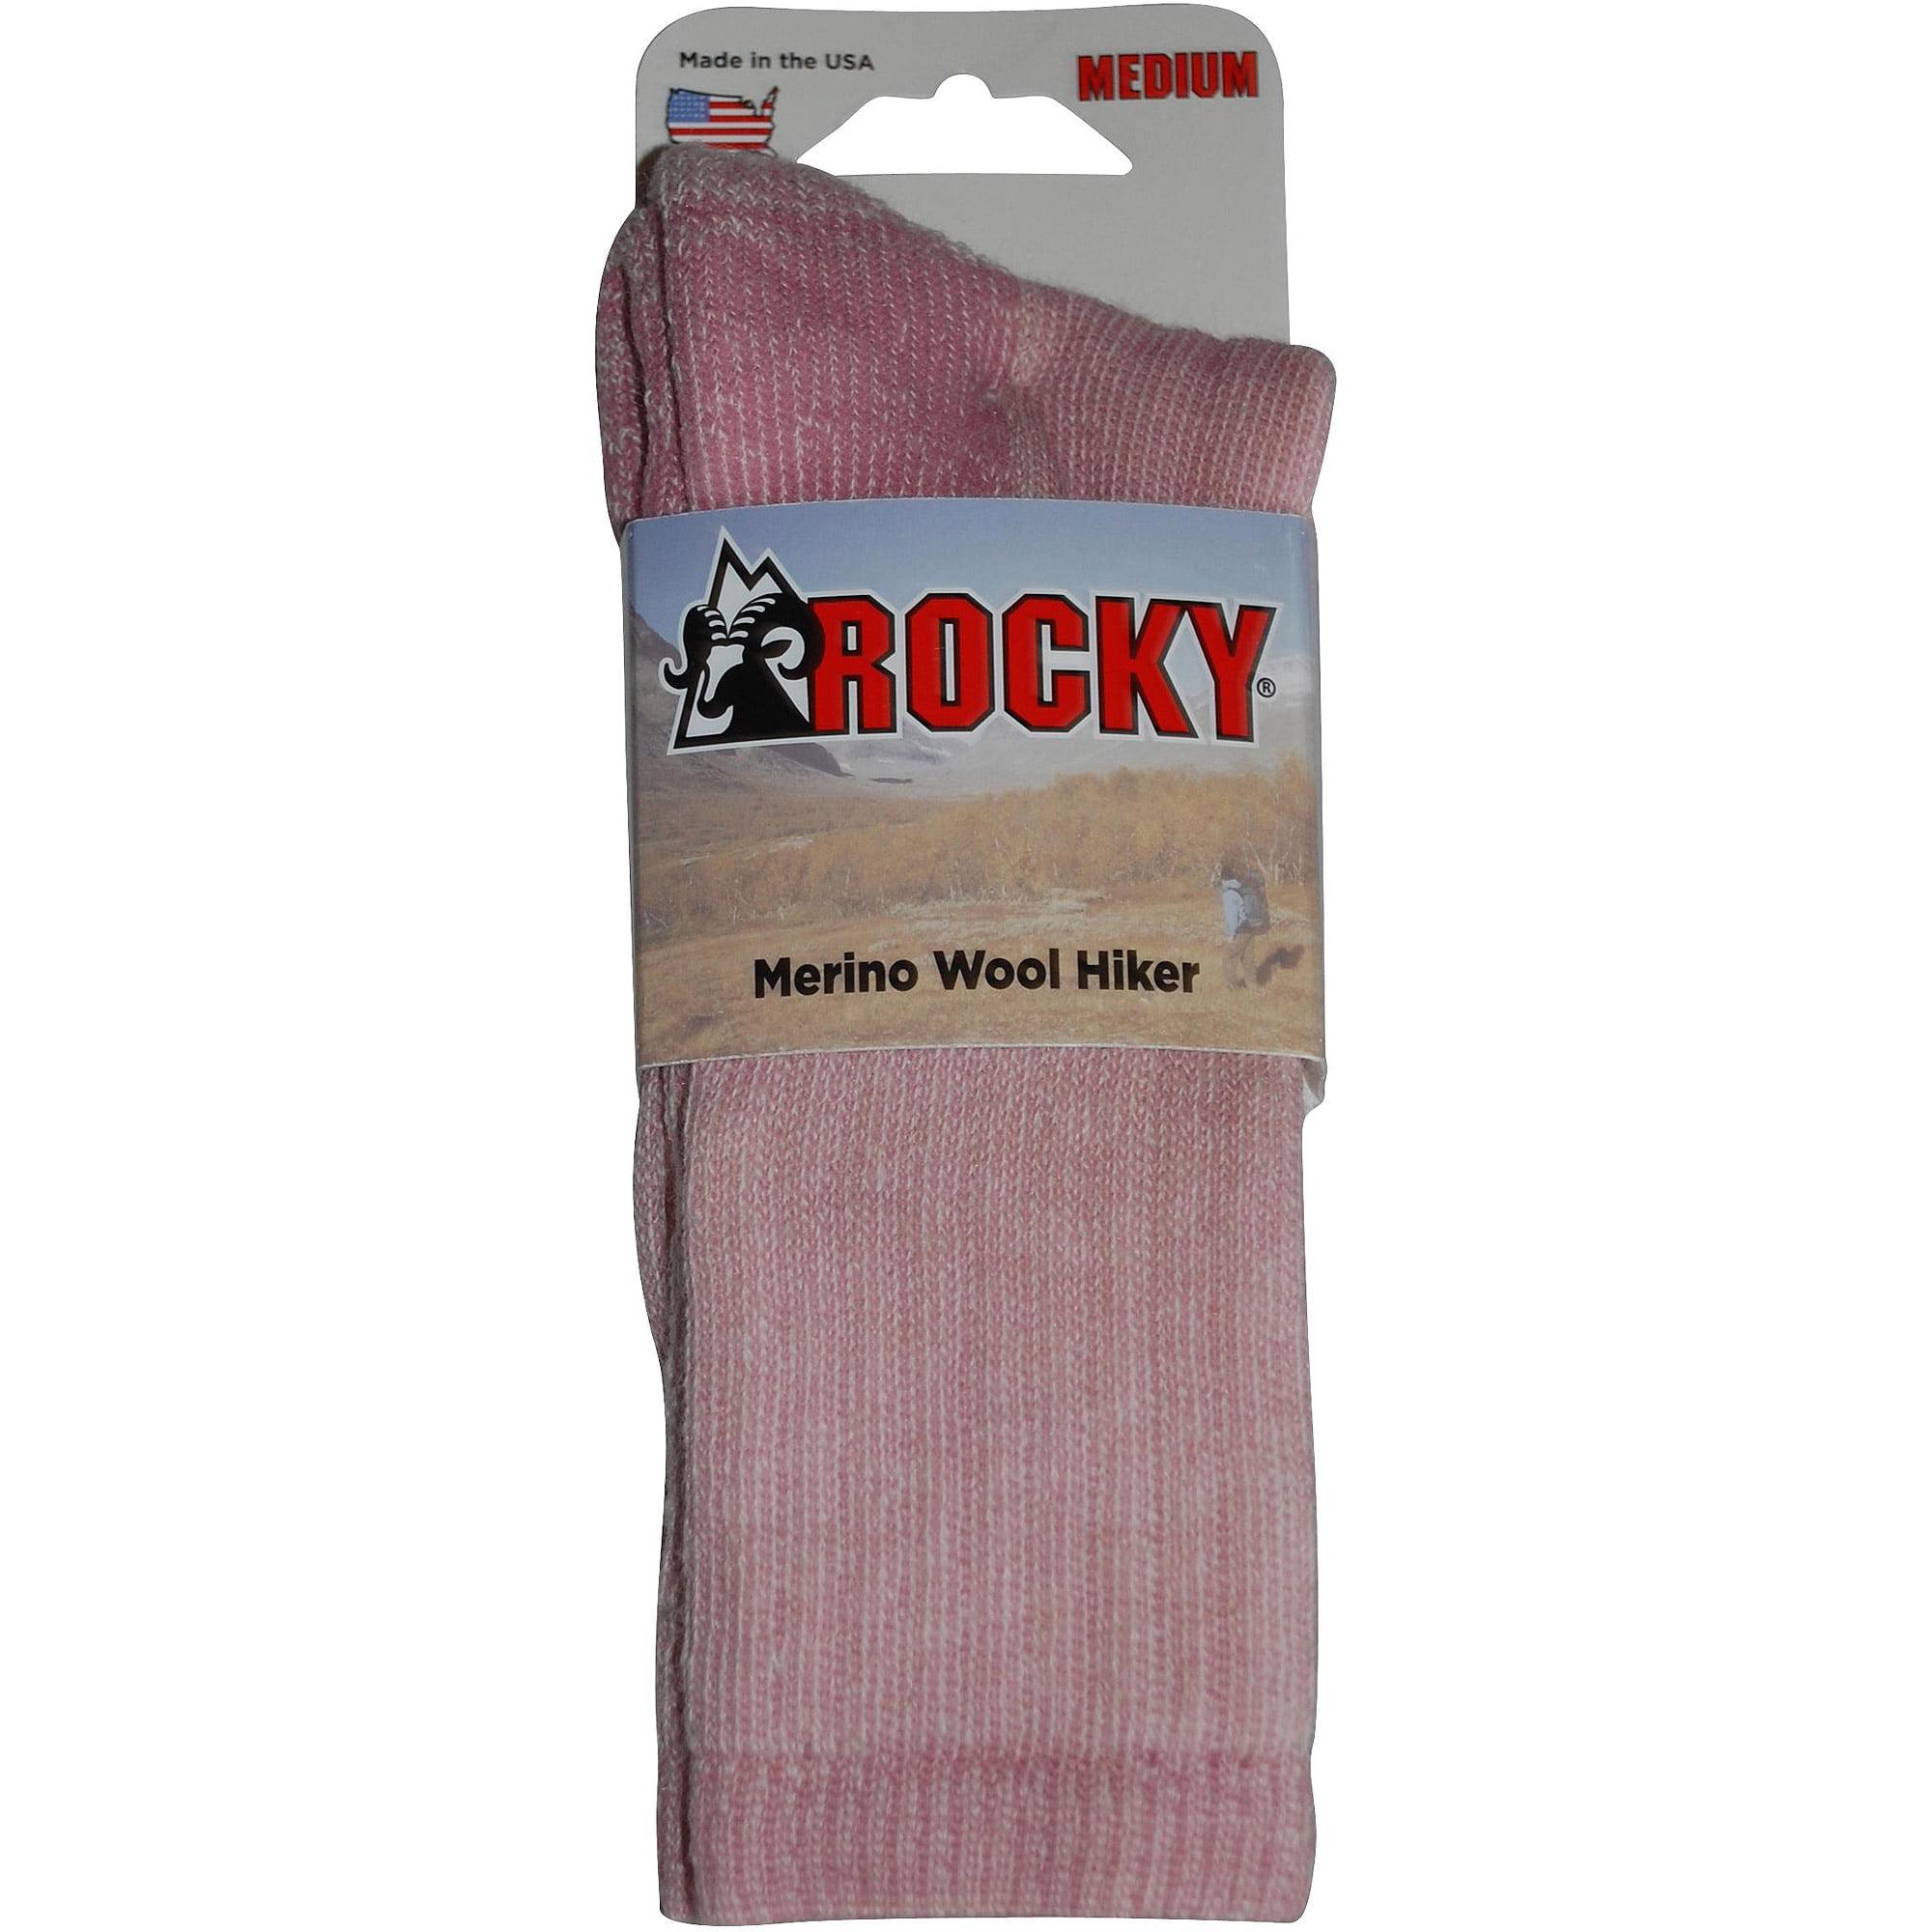 Rocky Women's Wool Hiker Socks, Medium